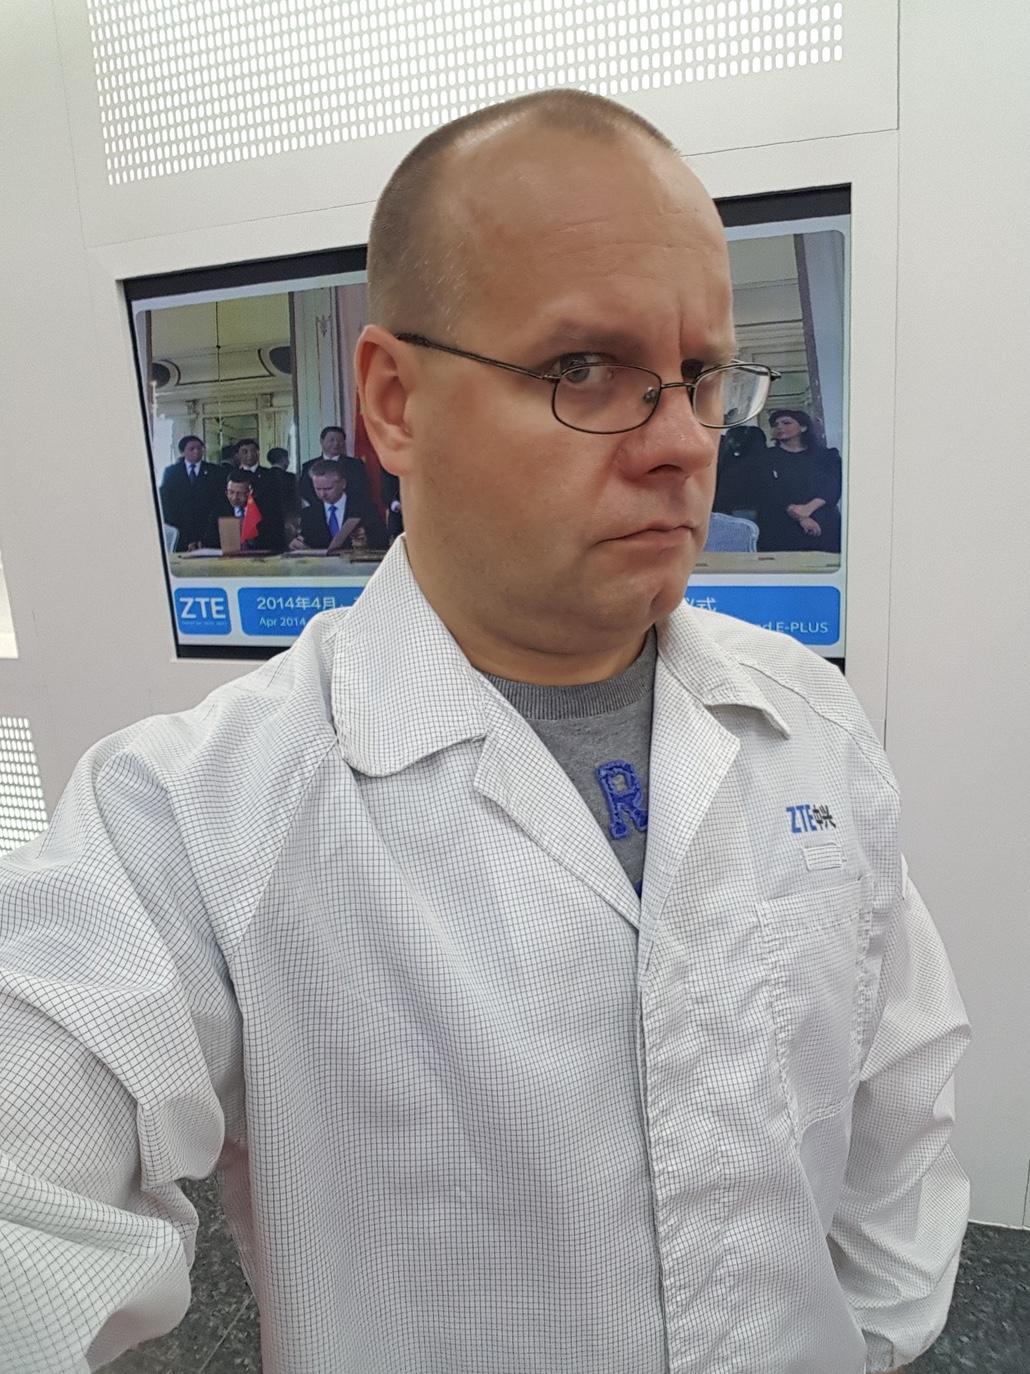 Professor Solo